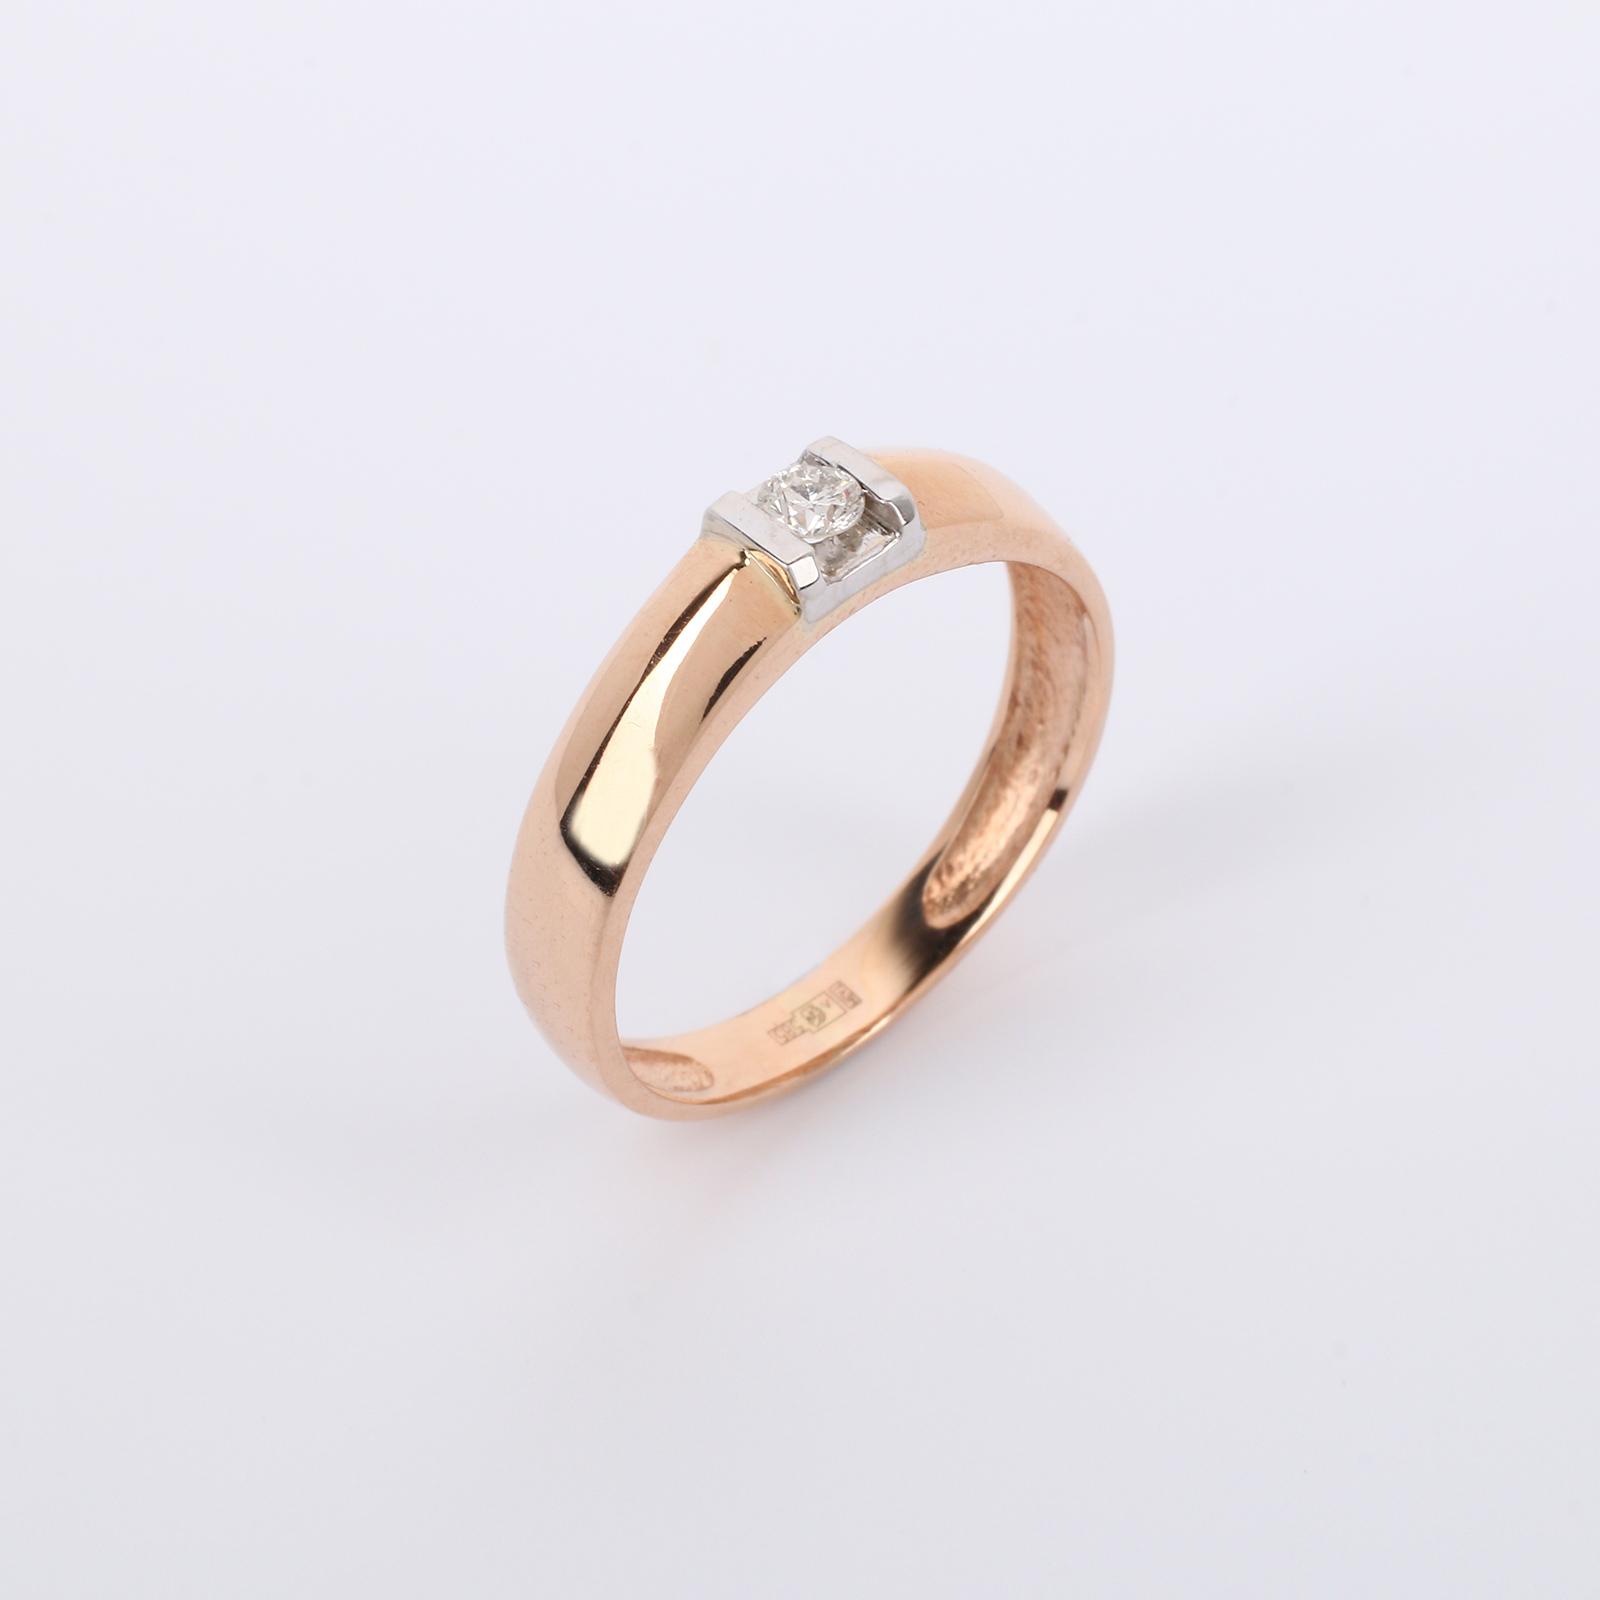 """Золотое кольцо с бриллиантом """"Европейский шик"""""""